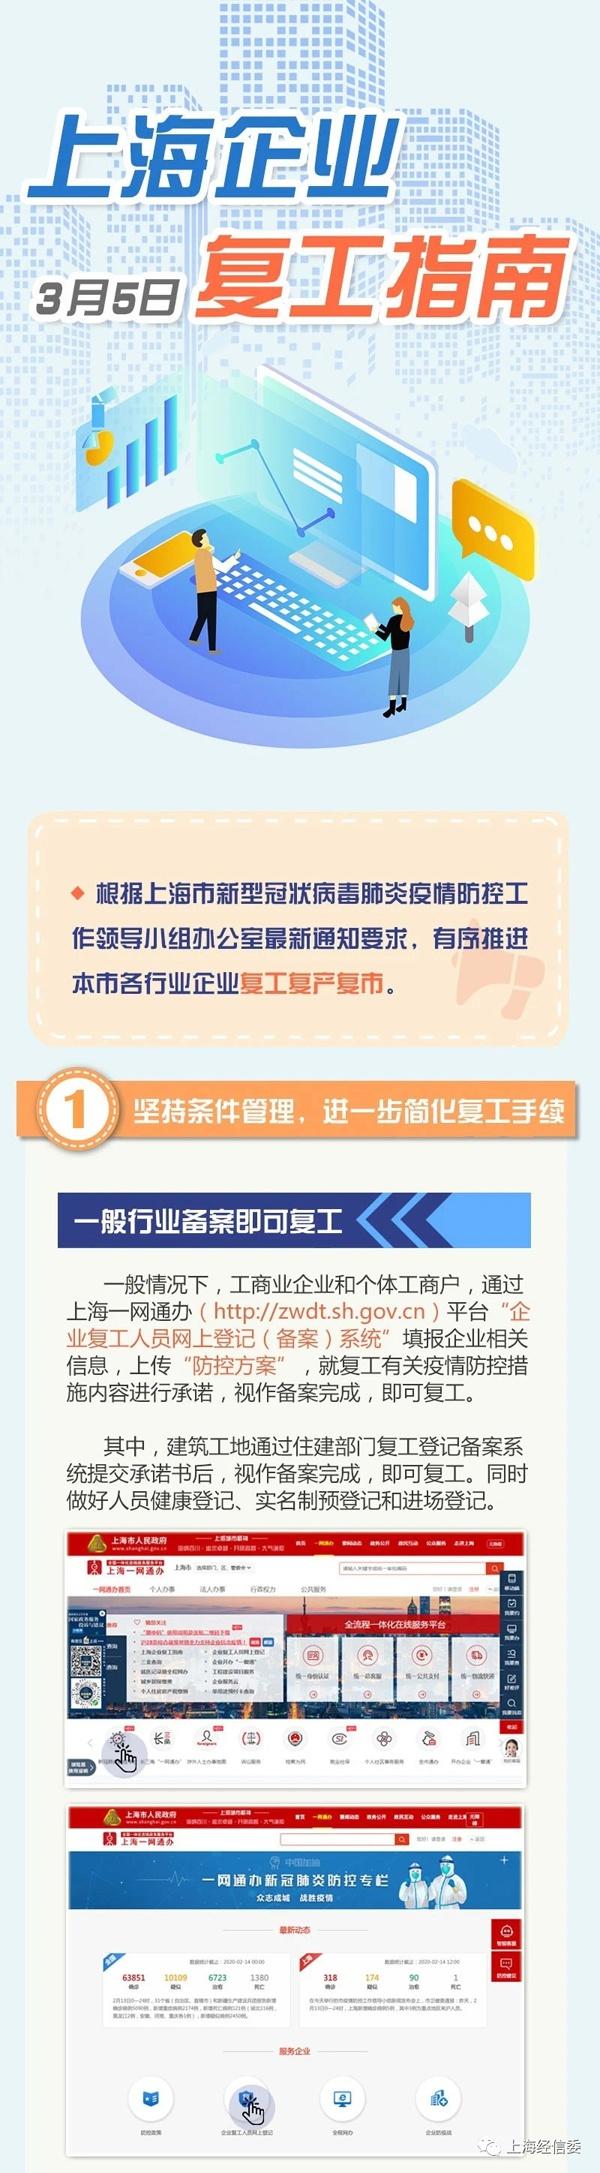 上海企业复工指南再次更新 一般行业备案即可复工图片